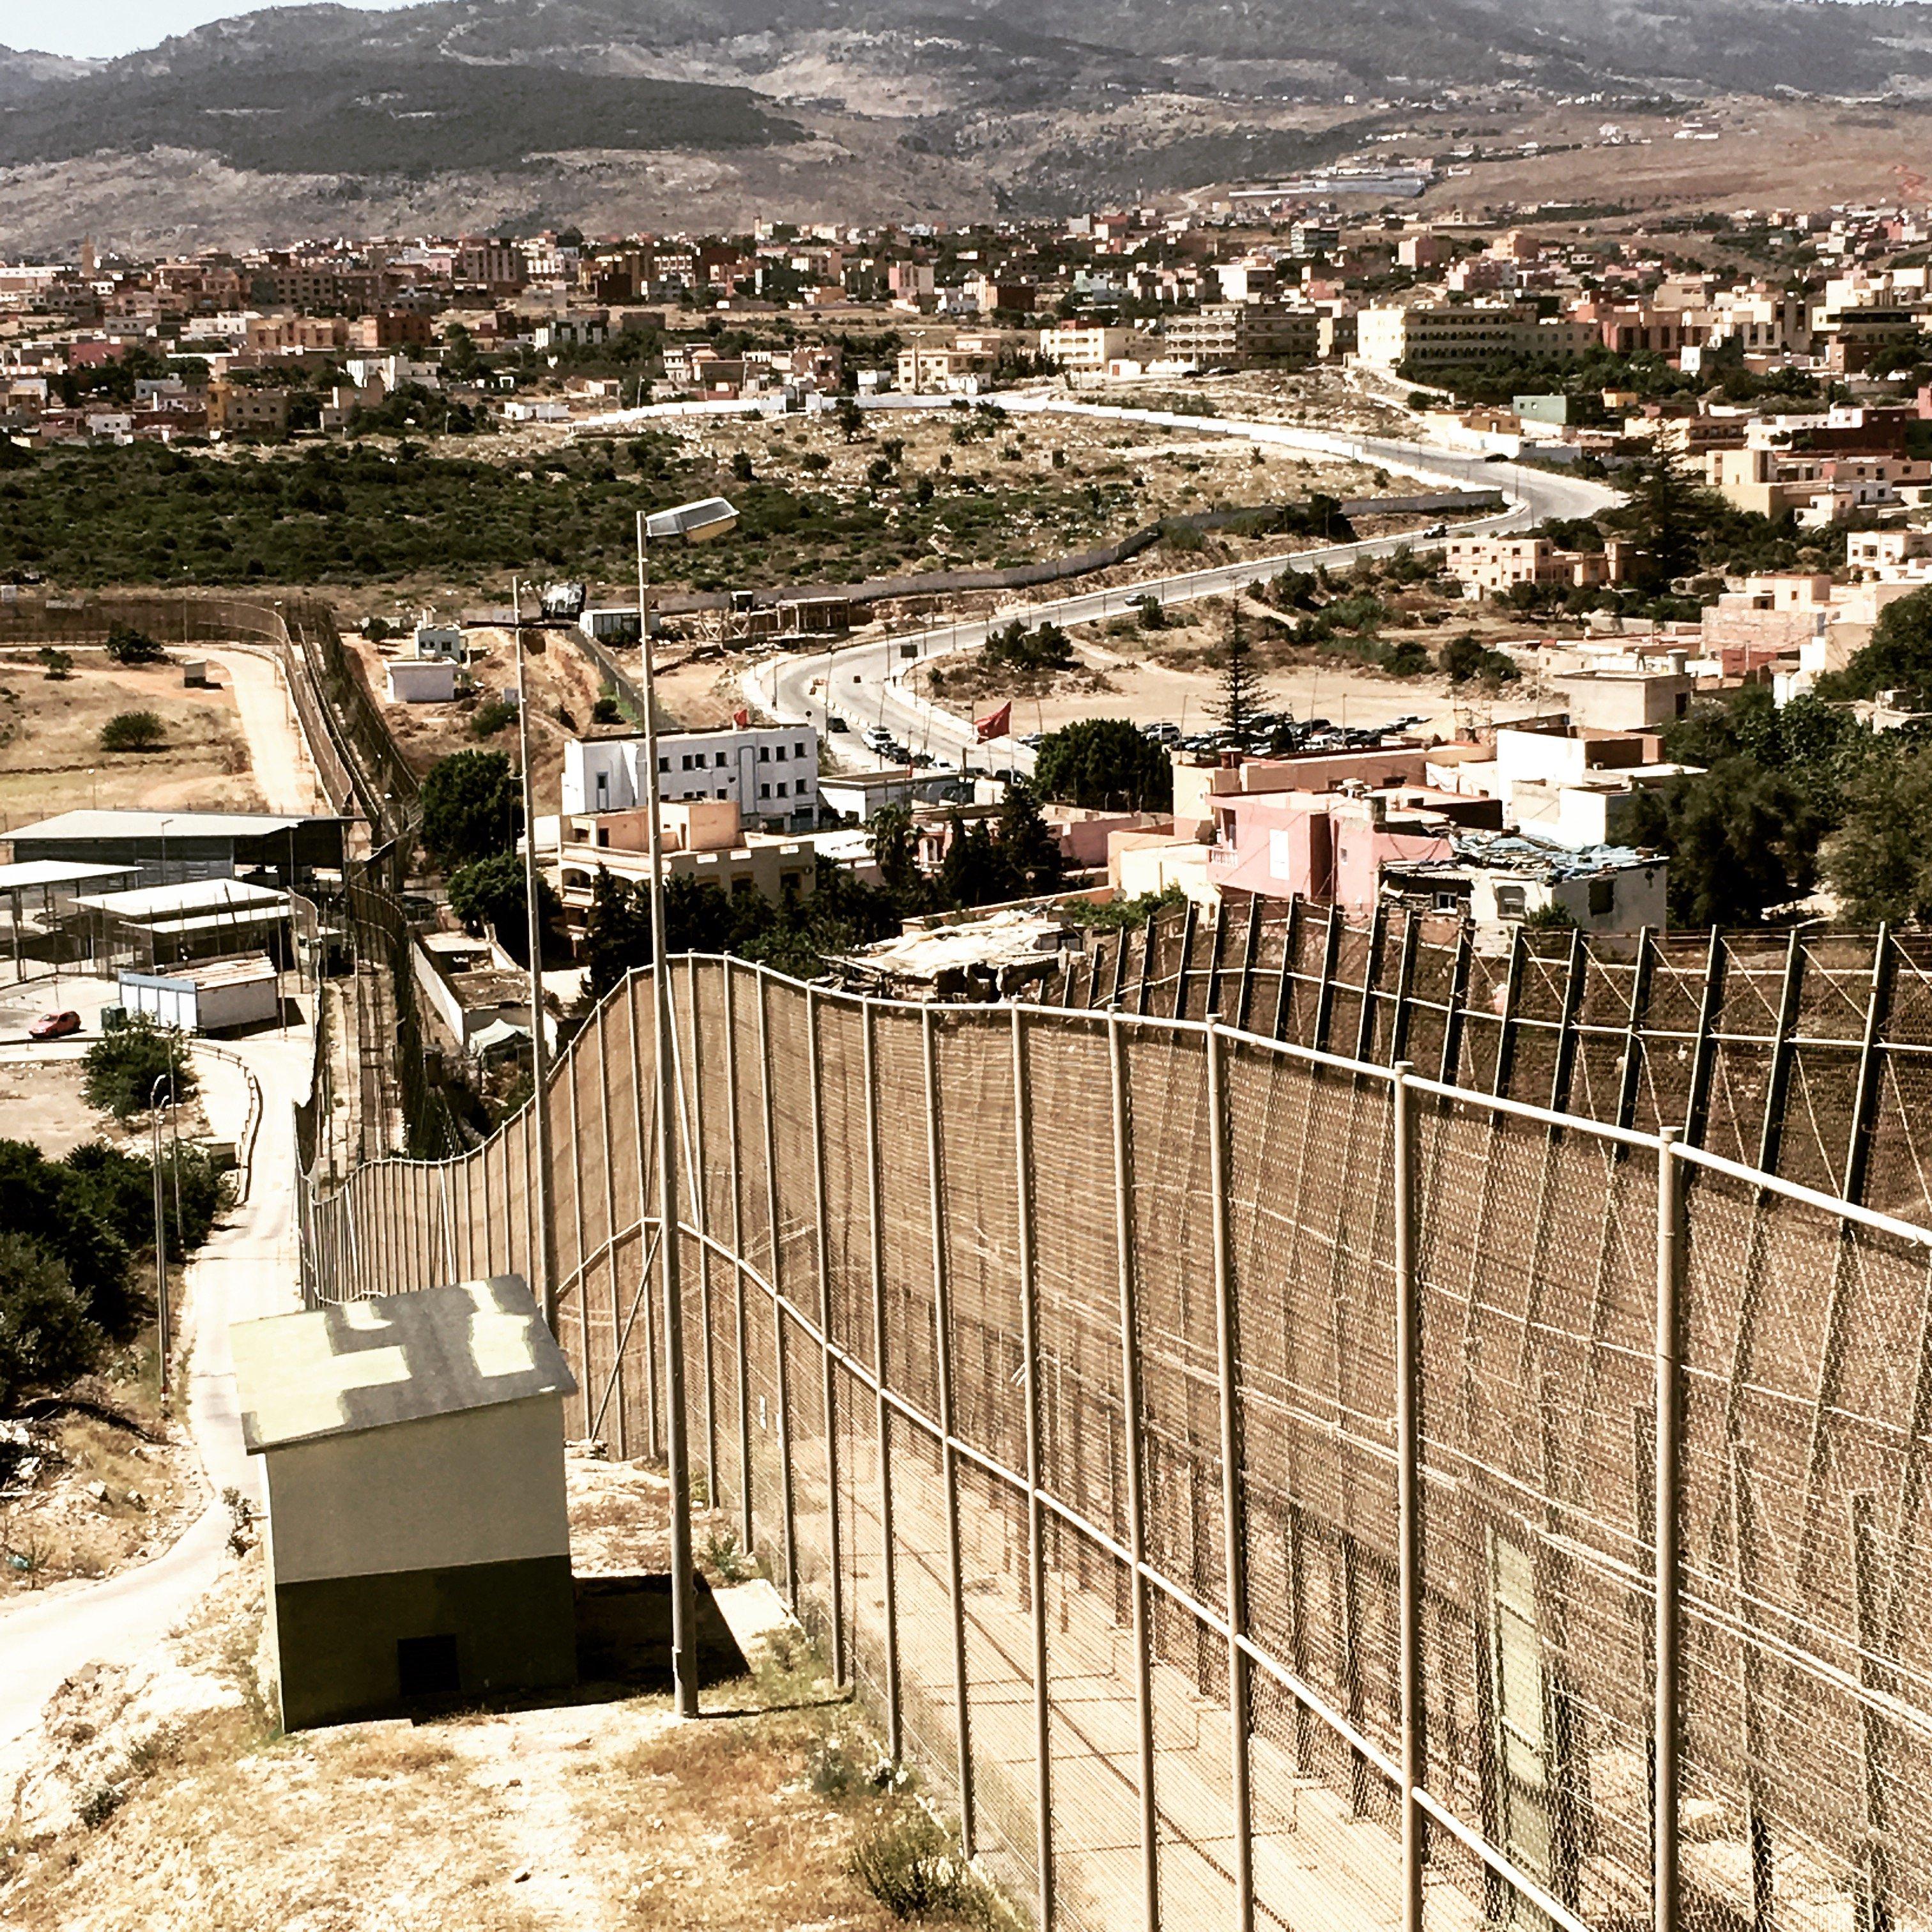 La valla de Melilla en mayo de 2017 por @lularoal